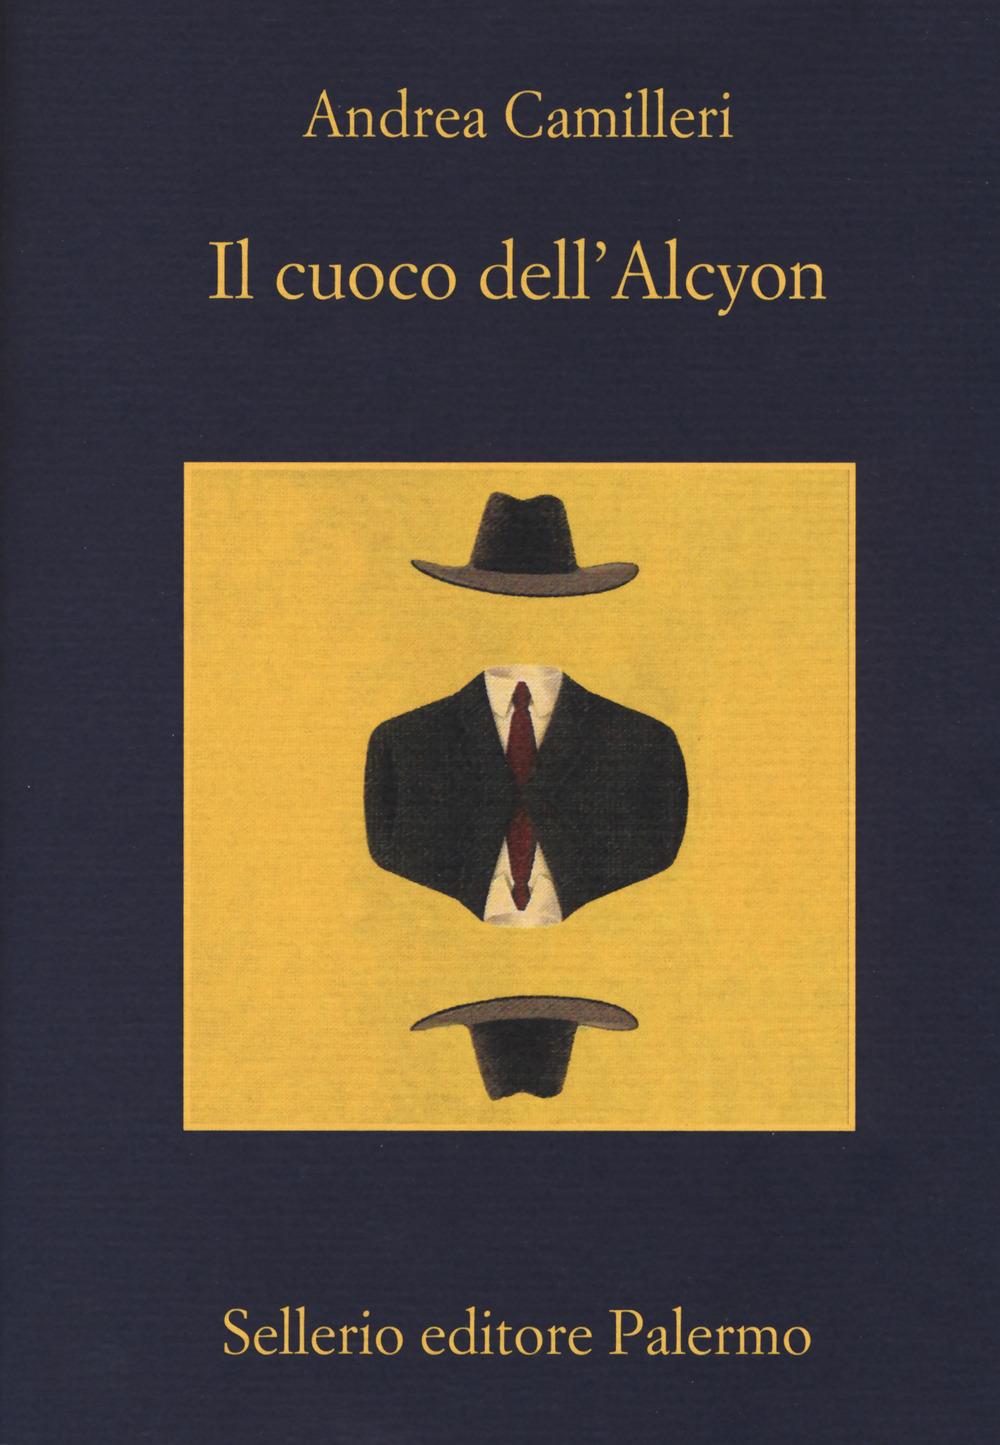 Il cuoco dell'Alcyon